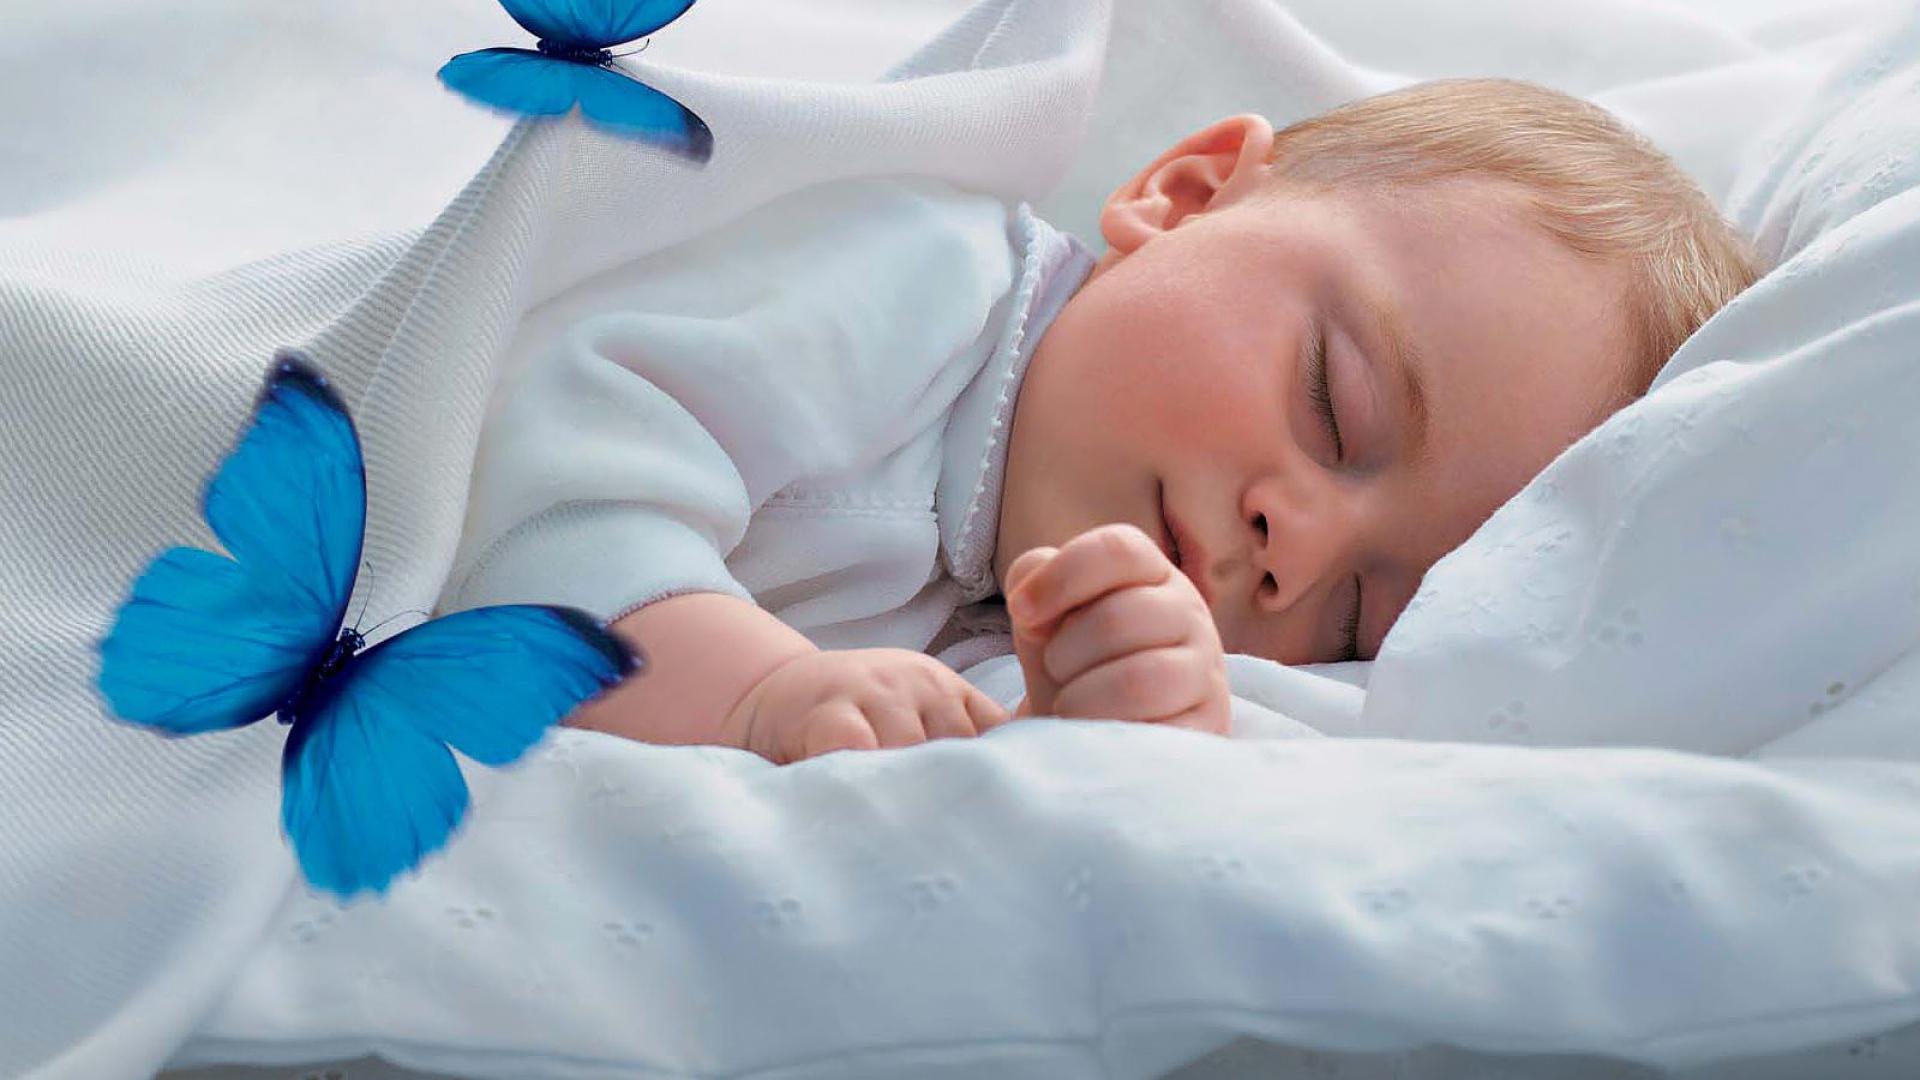 Download Wallpaper baby sleep shower cap blue owl